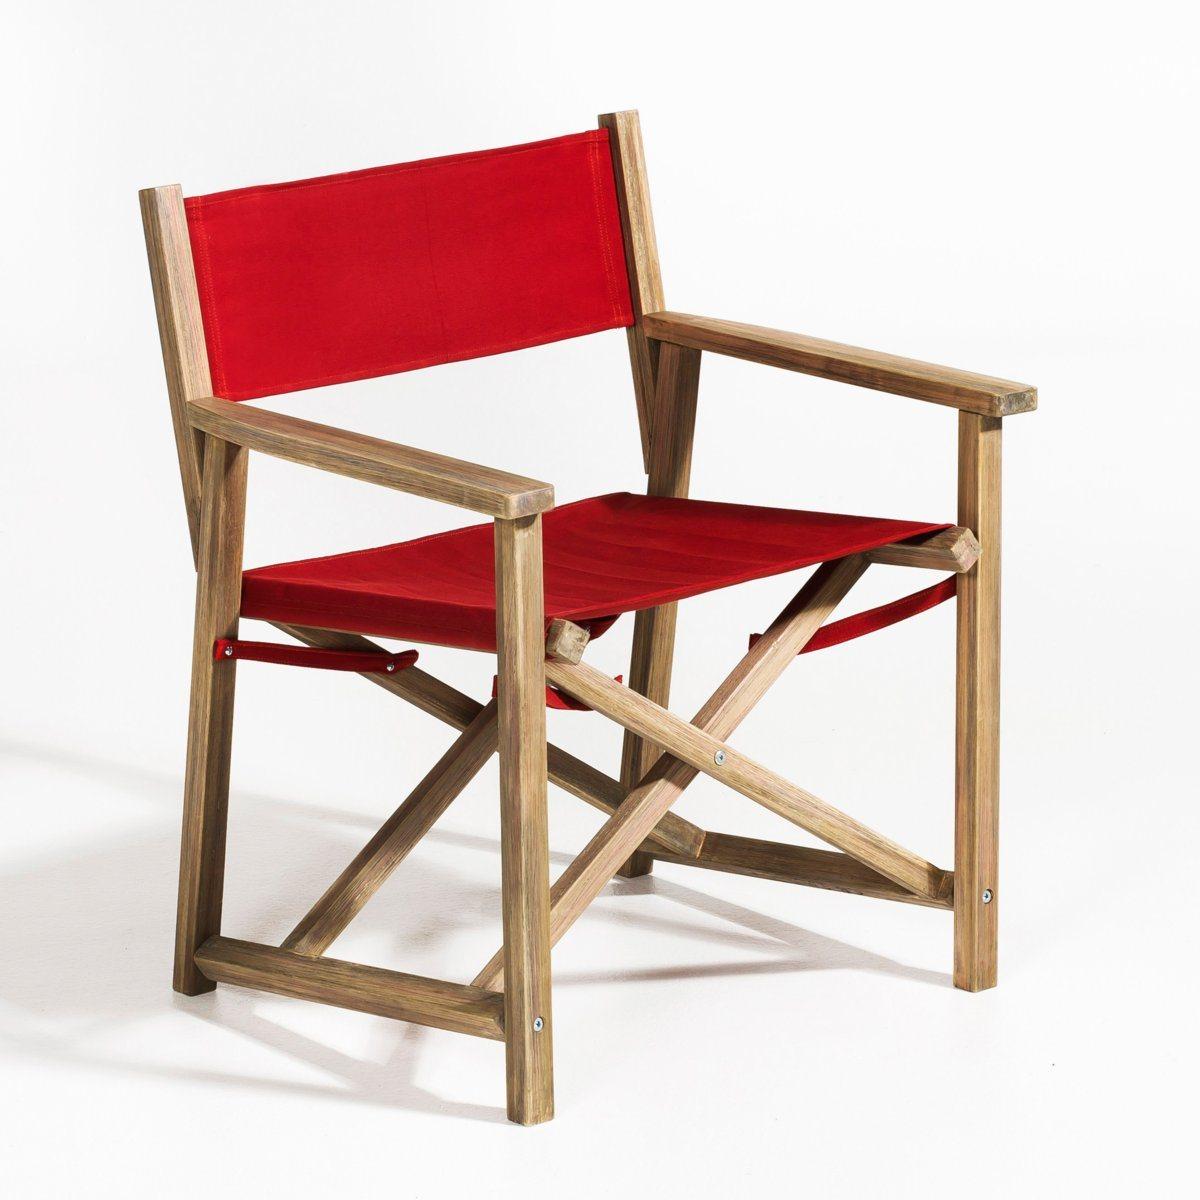 Meuble De Jardin, Mobilier D'extérieur Pour Le Jardin intérieur Mobilier De Jardin Ikea